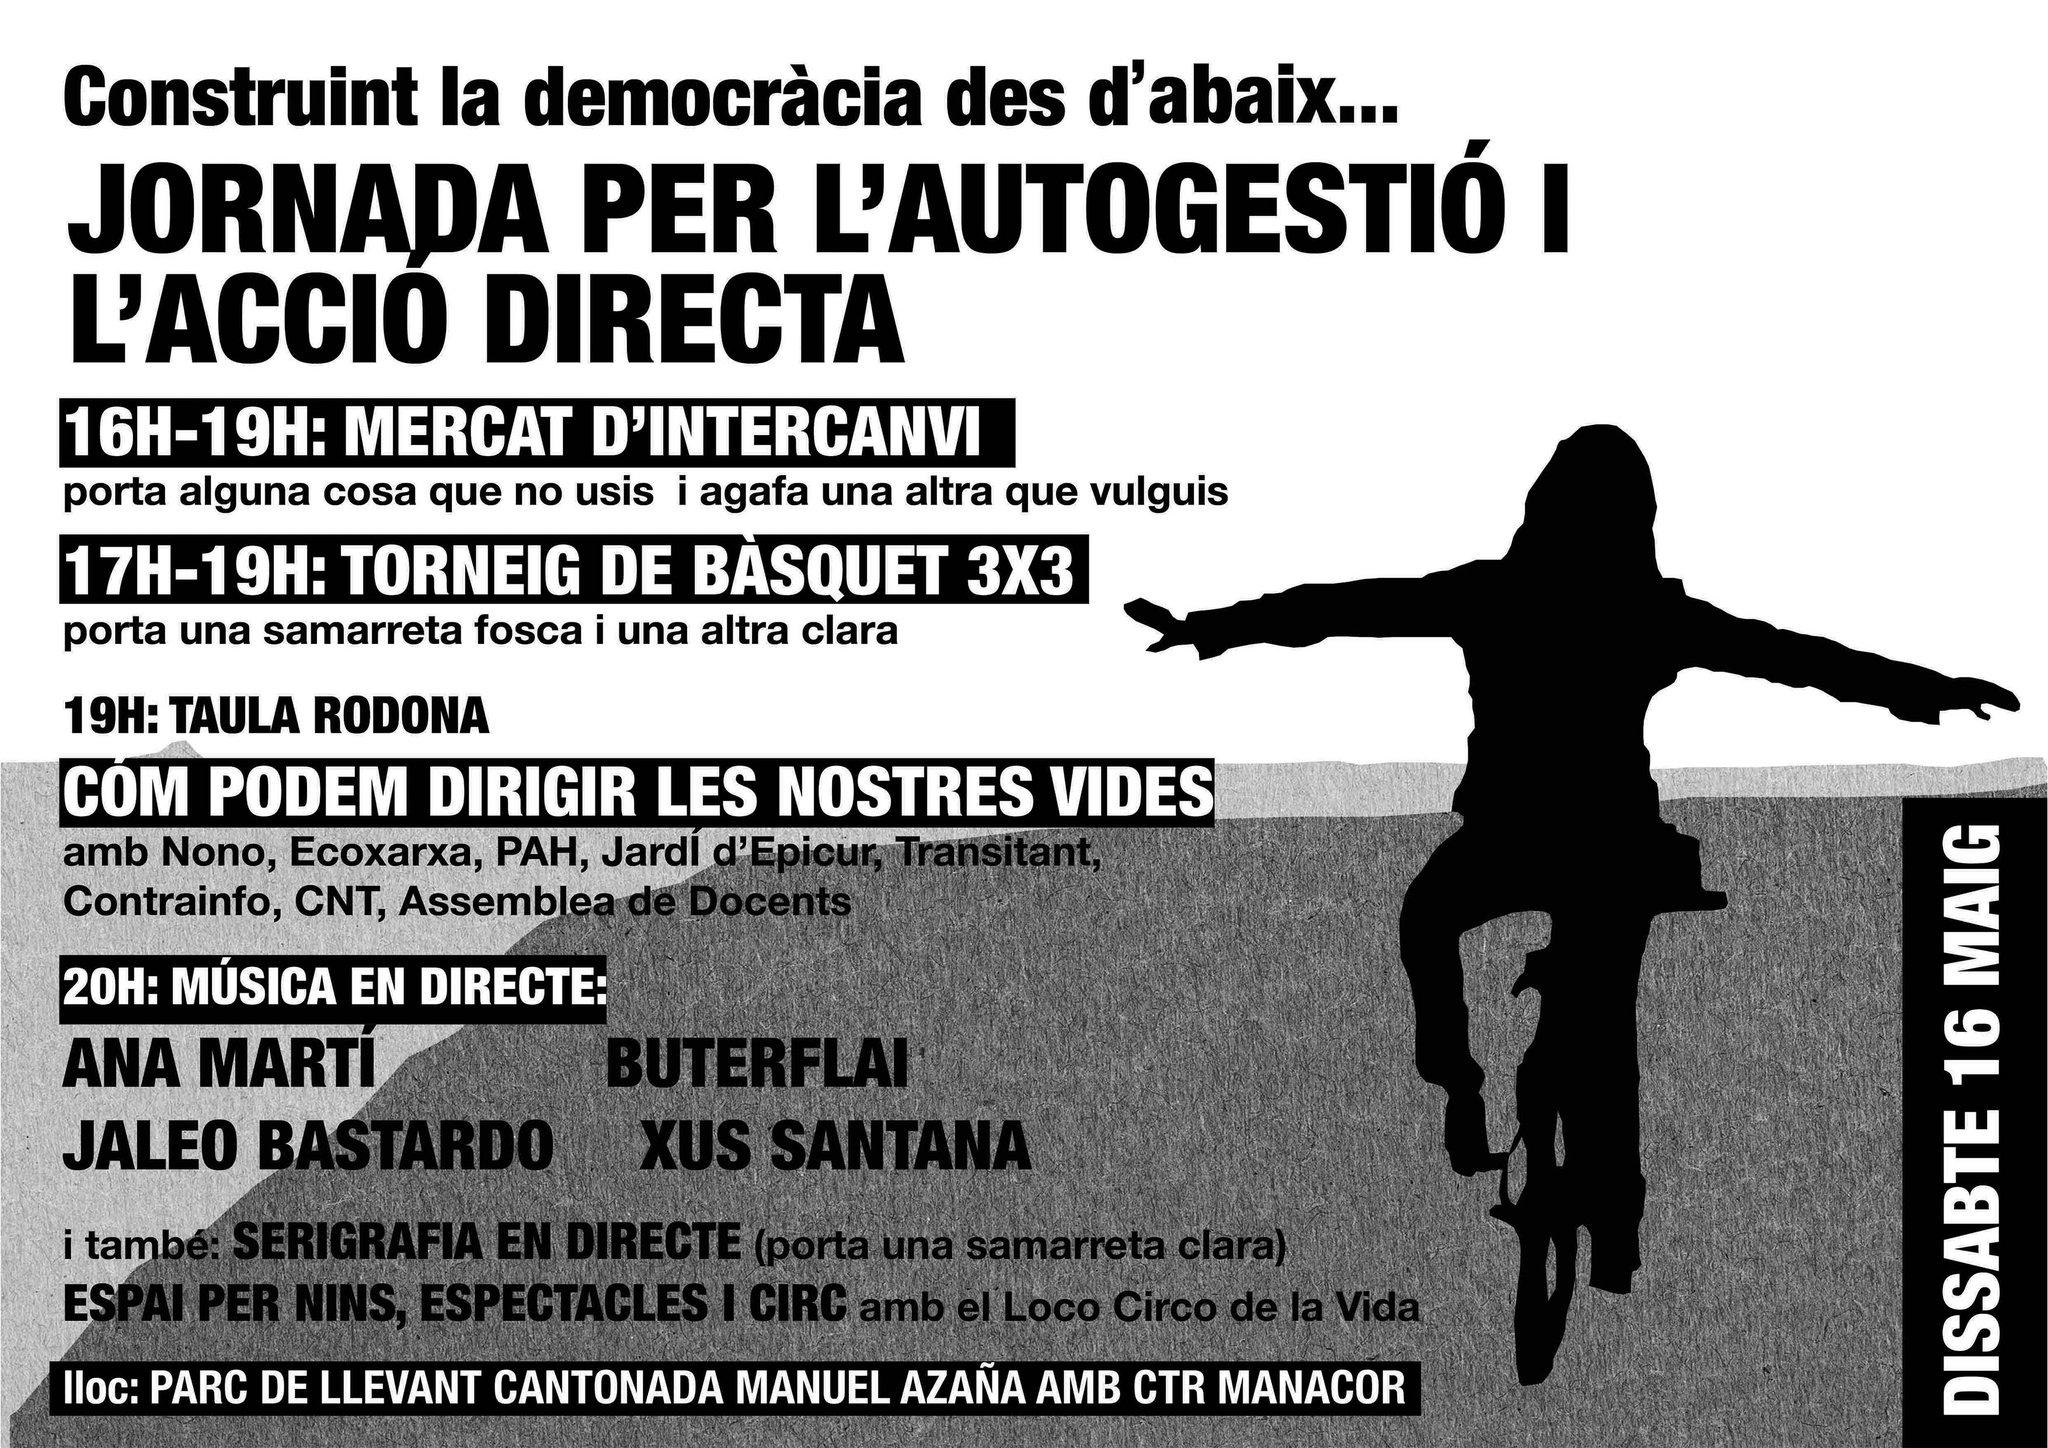 Jornada per l'autogestió i l'acció directa (16-05-15)